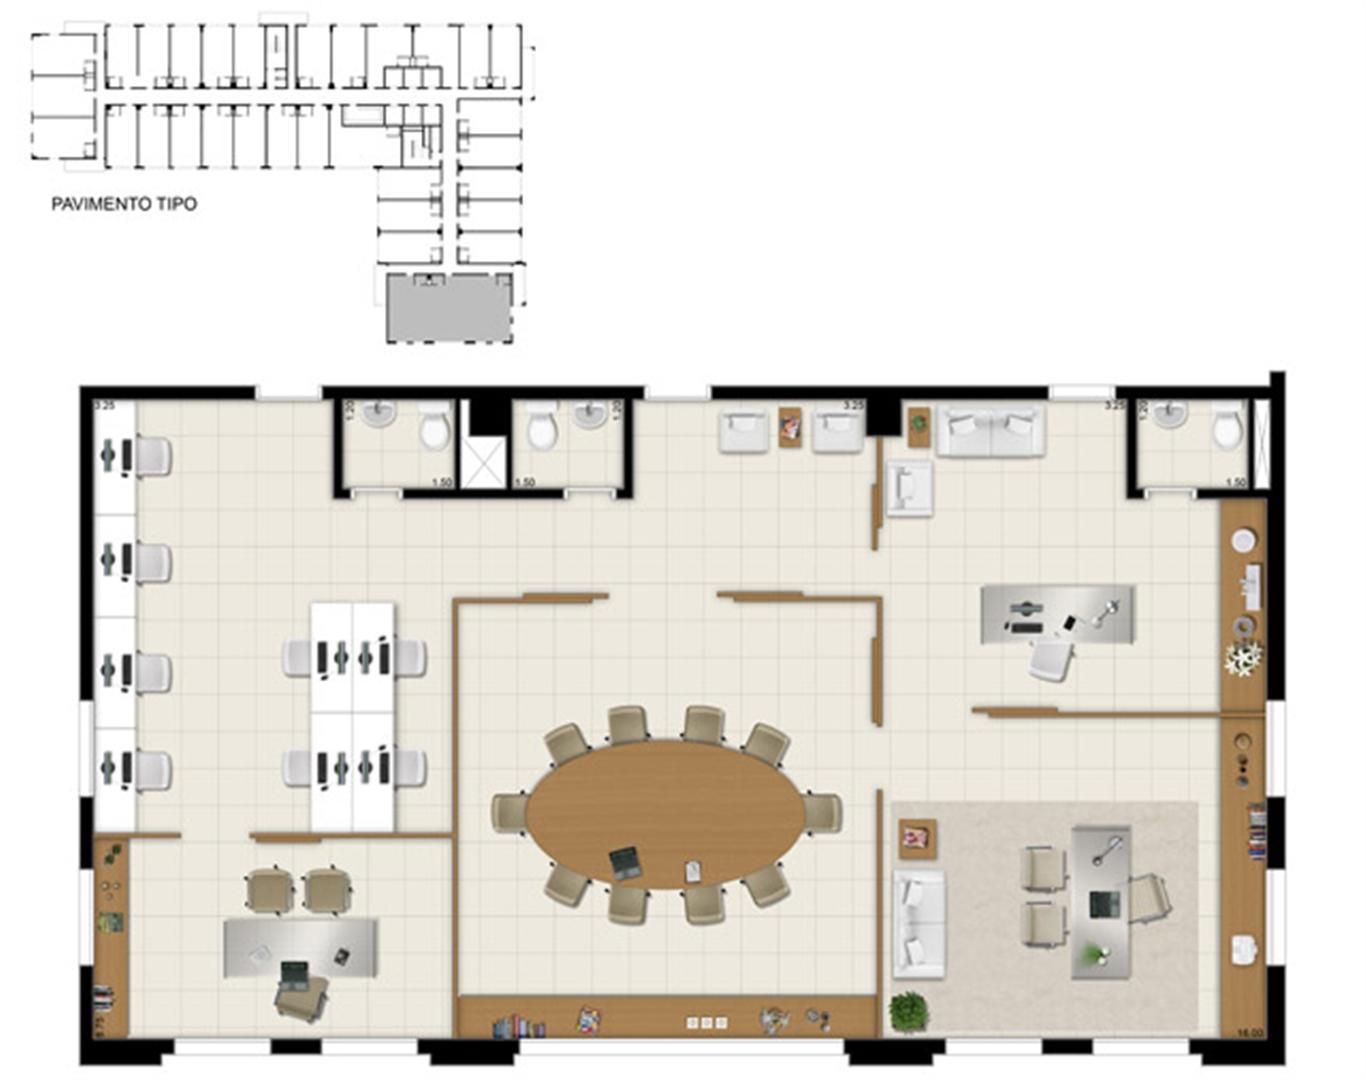 Sala comercial 150 m² - Sugestão de junção | Pátio Jardins – Salas Comerciais em  Altos do Calhau - São Luís - Maranhão